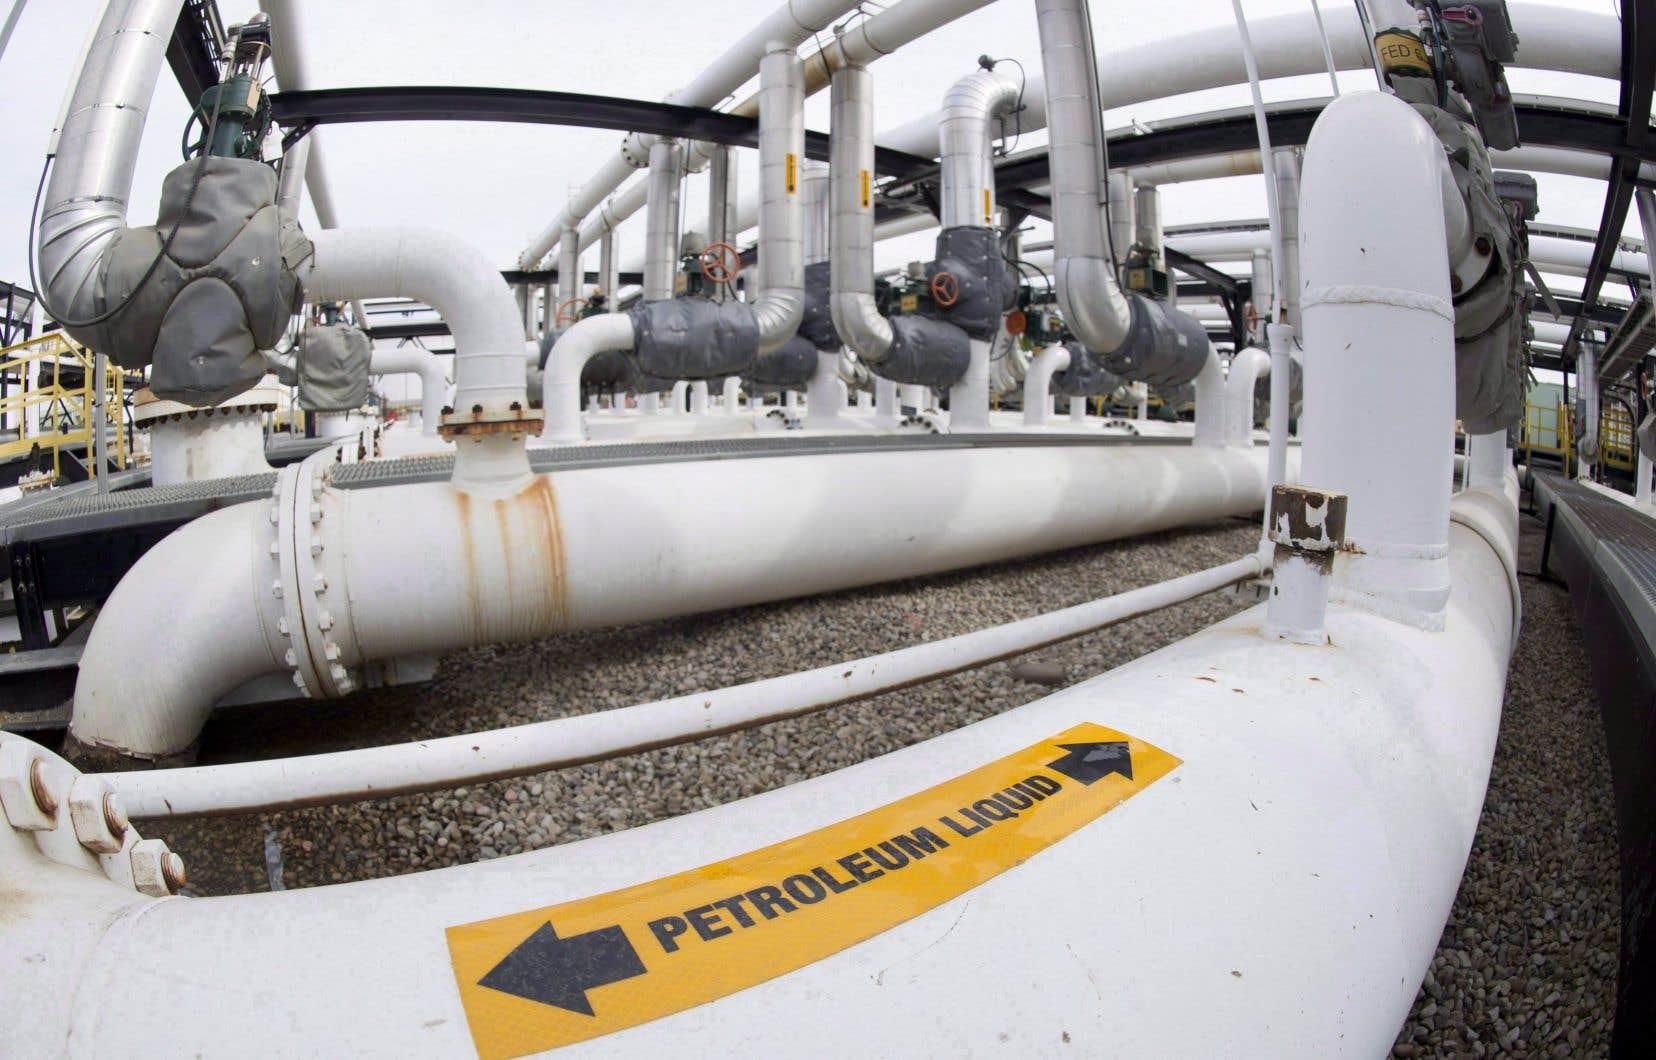 Selon des informations publiées par l'ONE, la pétrolière albertaine Enbridge a déjà obtenu huit des treize «autorisations» nécessaires pour la mise en service de son nouveau pipeline, nommé «Ligne 3».